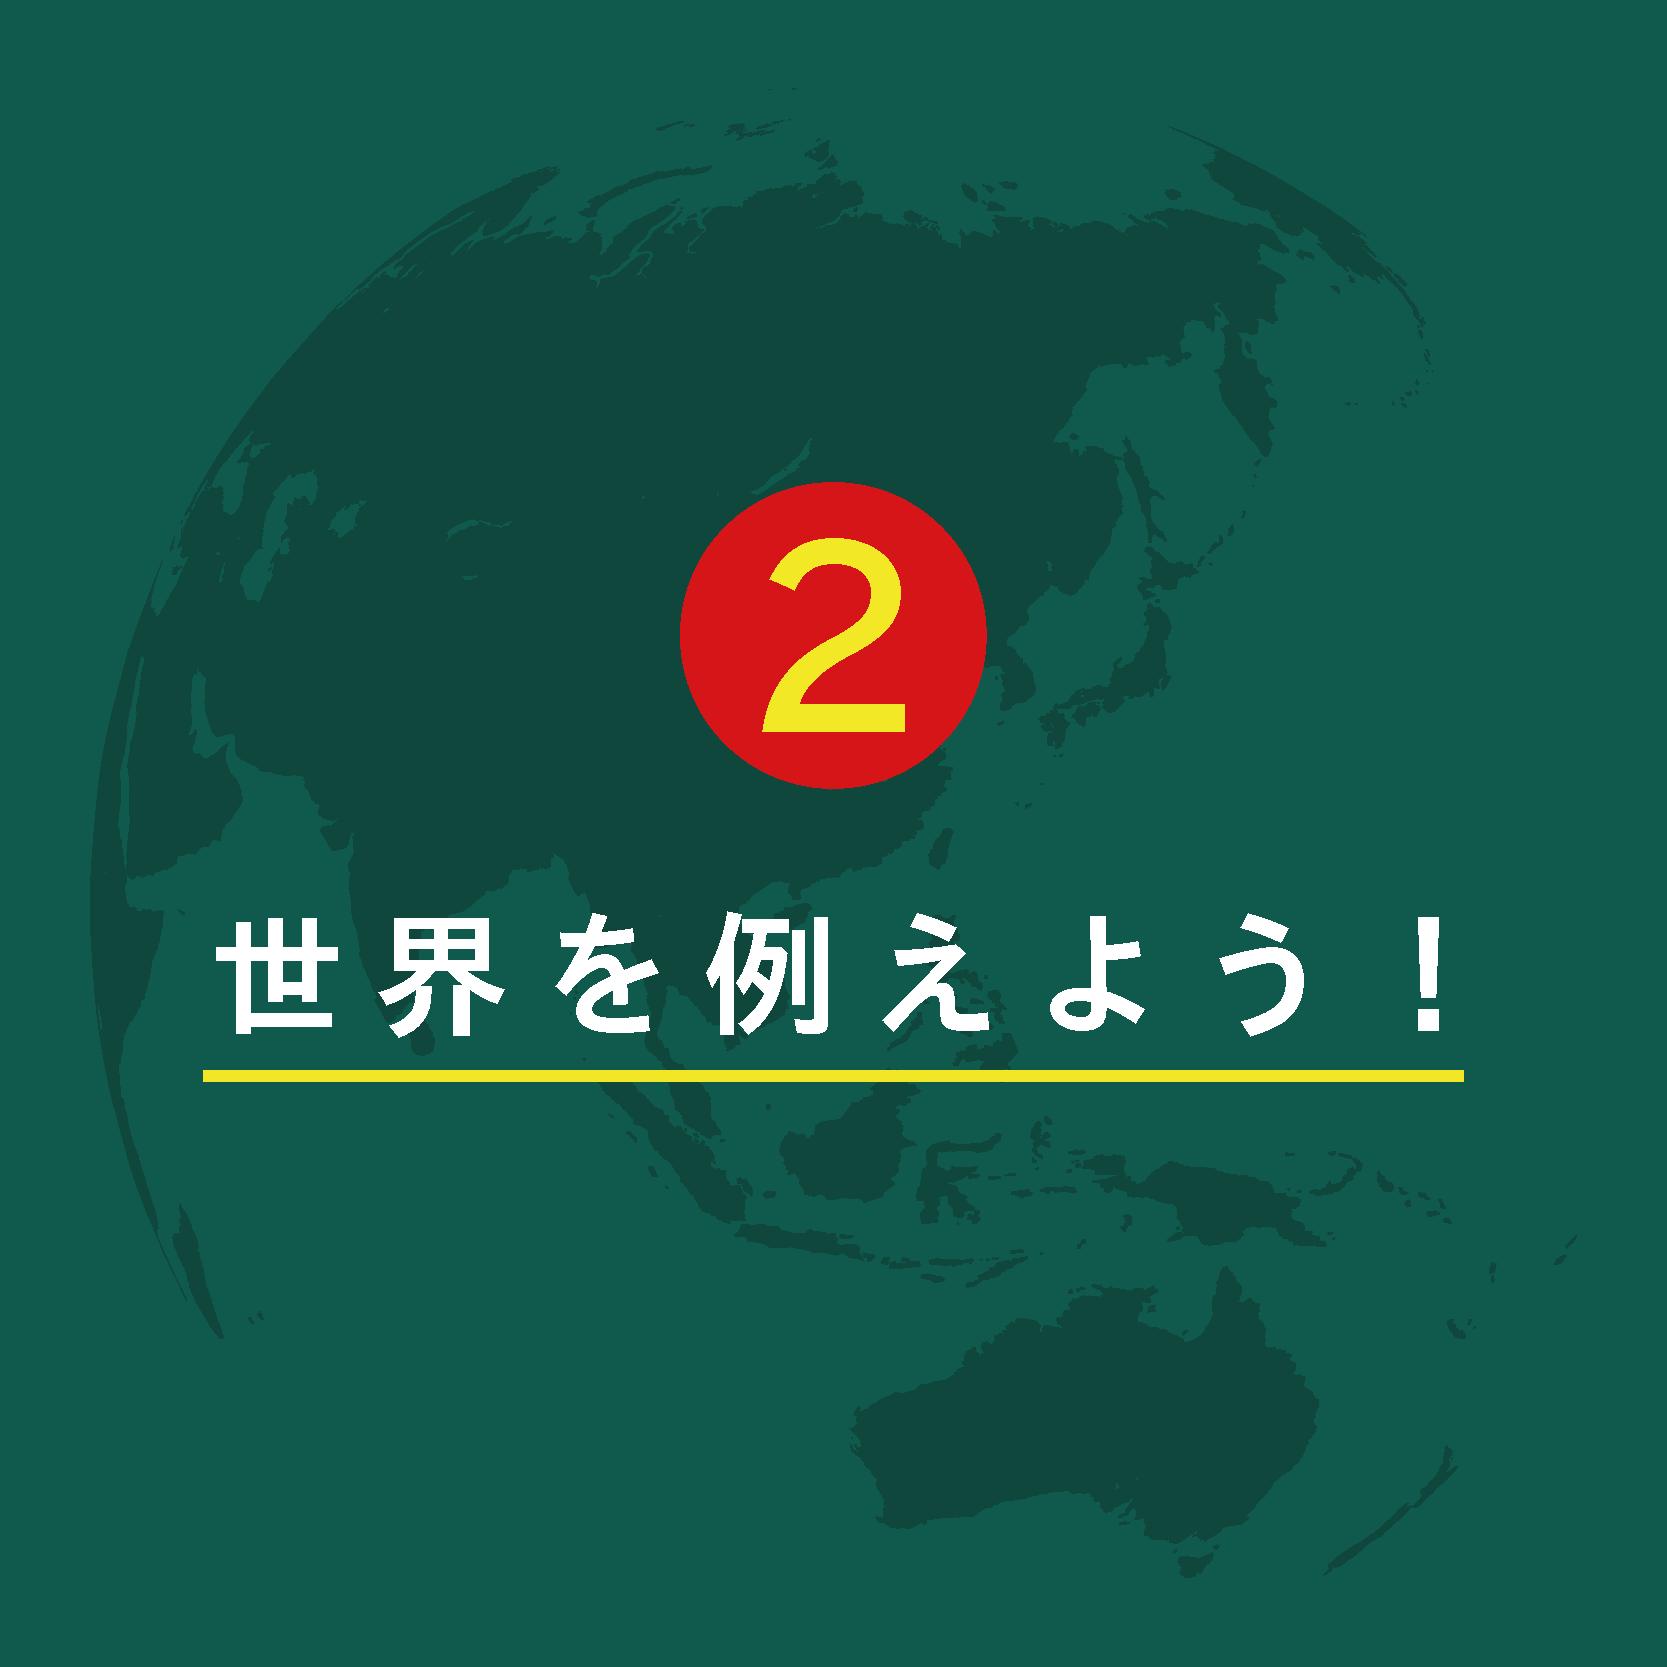 枠を飛び出せ/国際協力講座 『思考力編』②世界を例えよう!